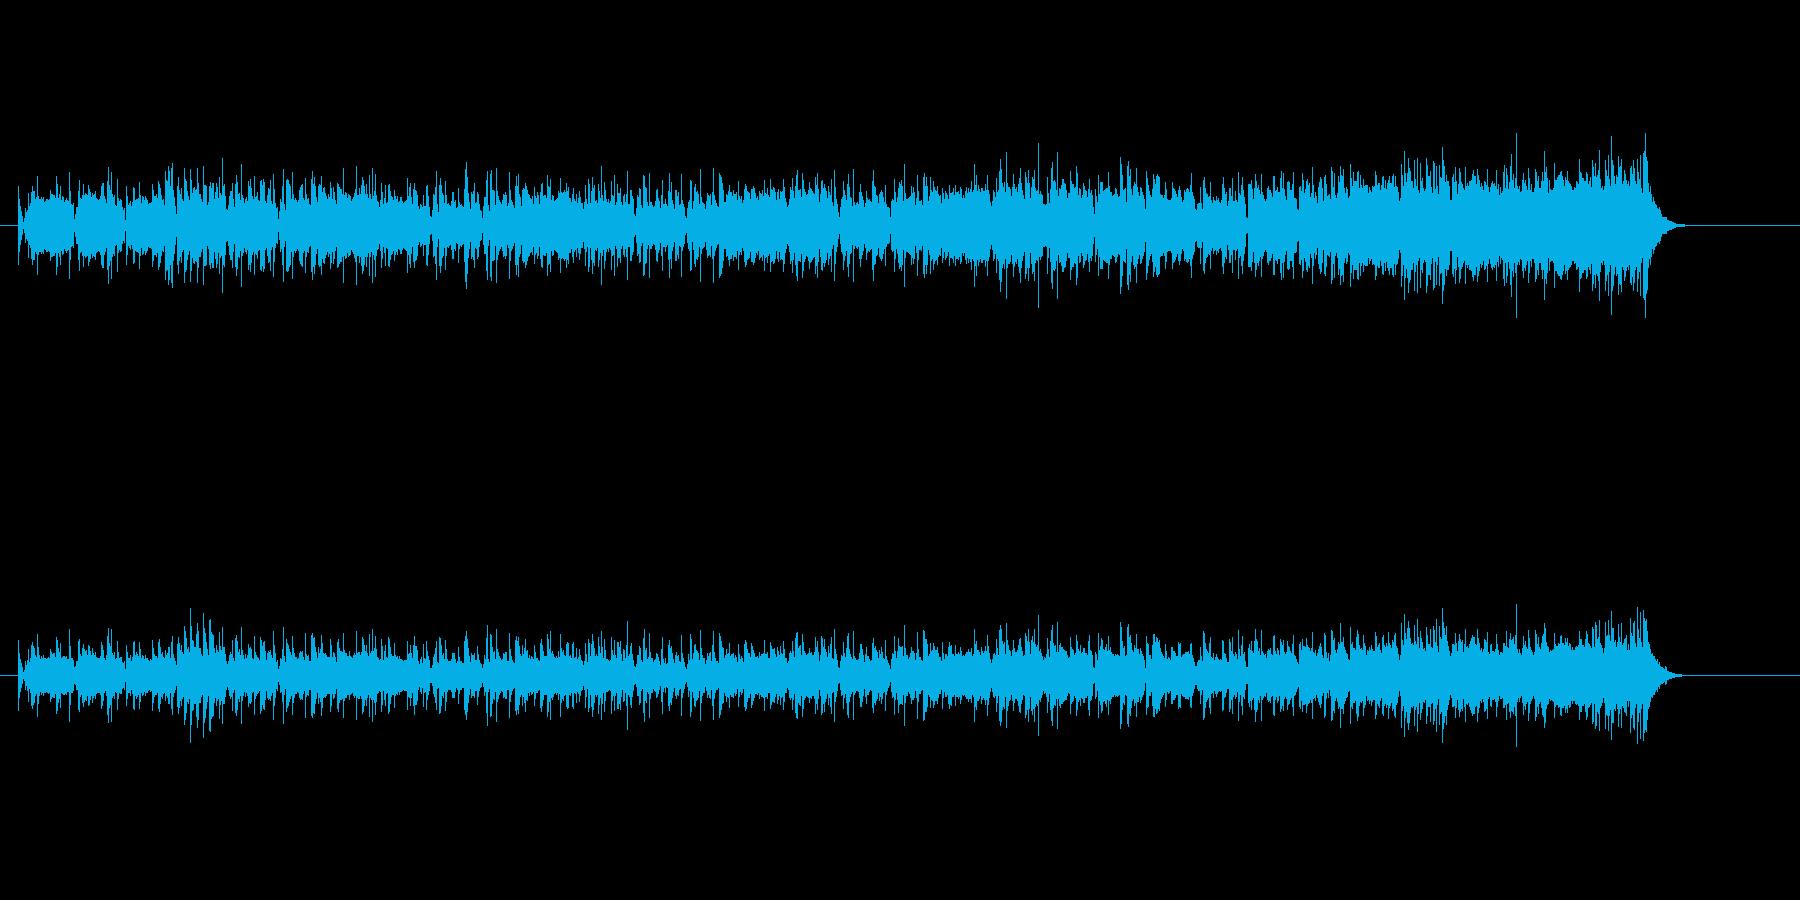 ベース・ラインが印象的な現代風ポップスの再生済みの波形